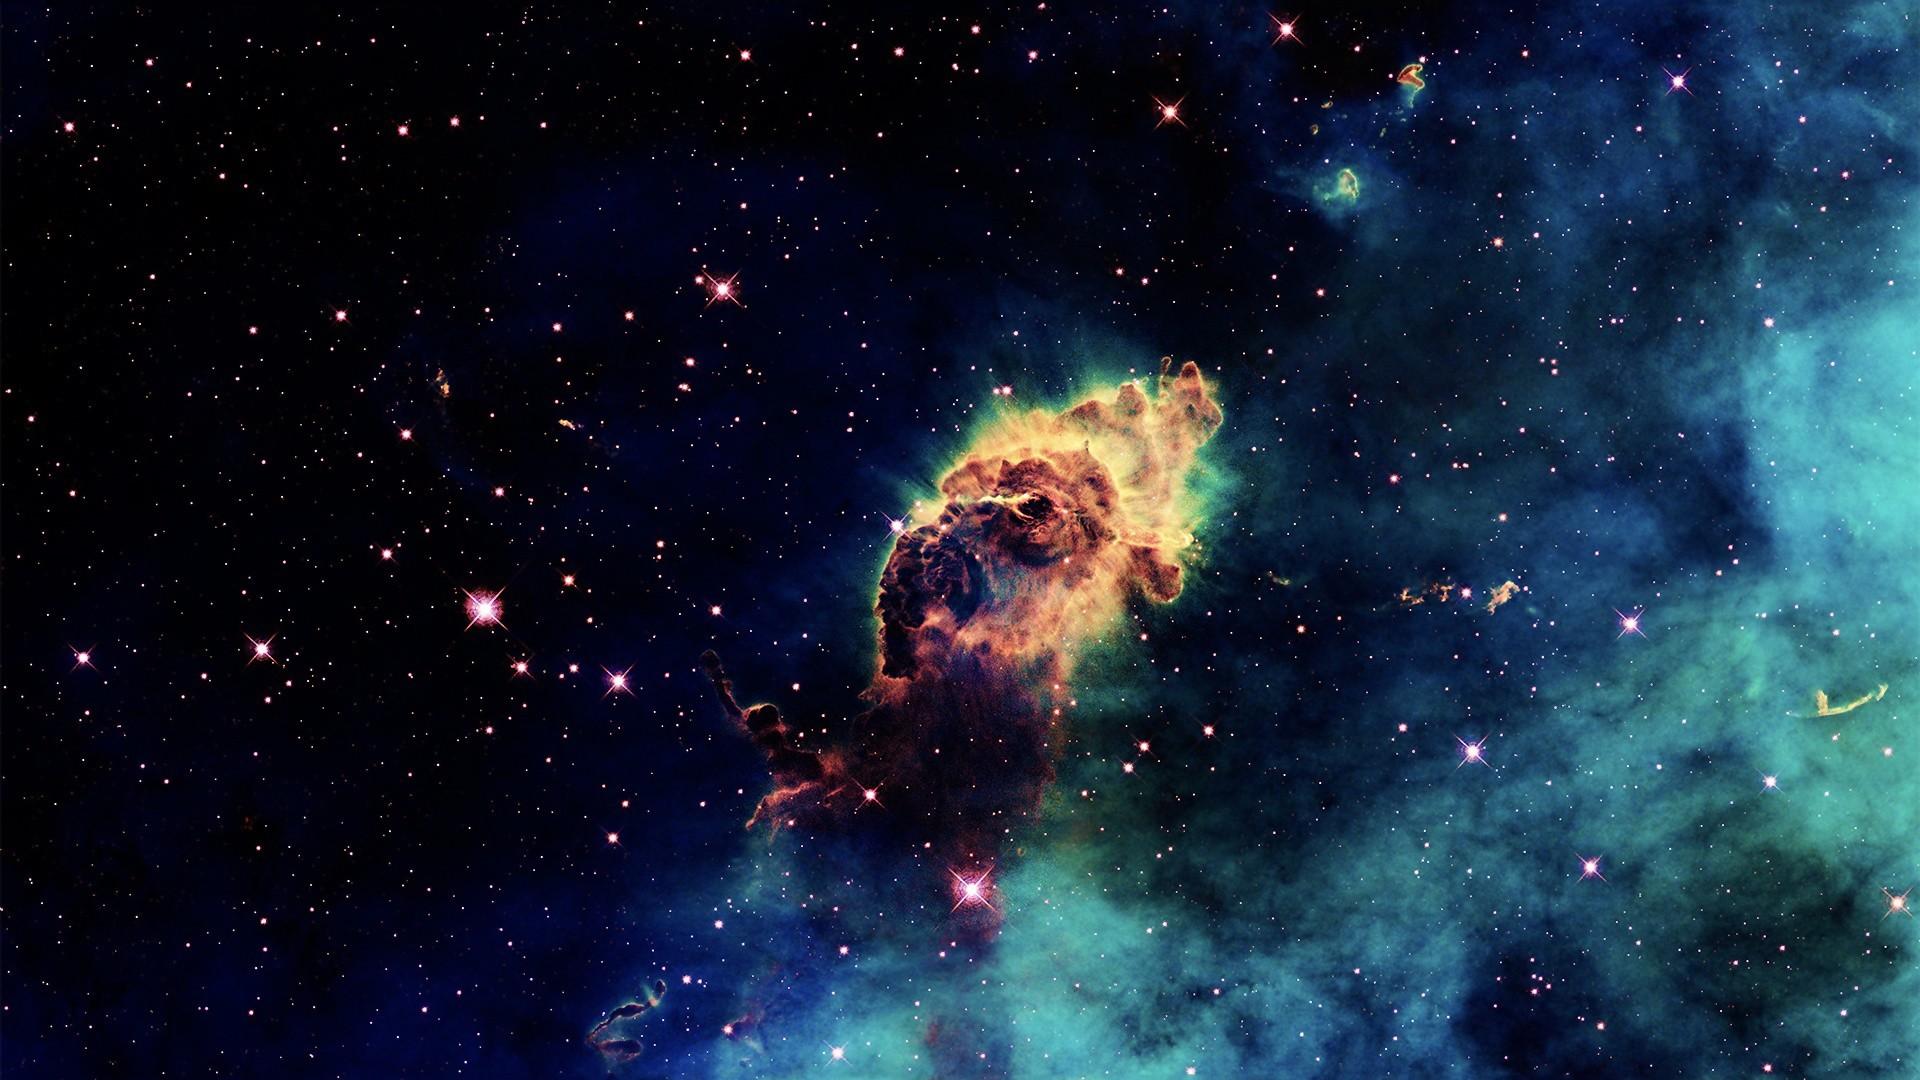 … cloud gas nebula …